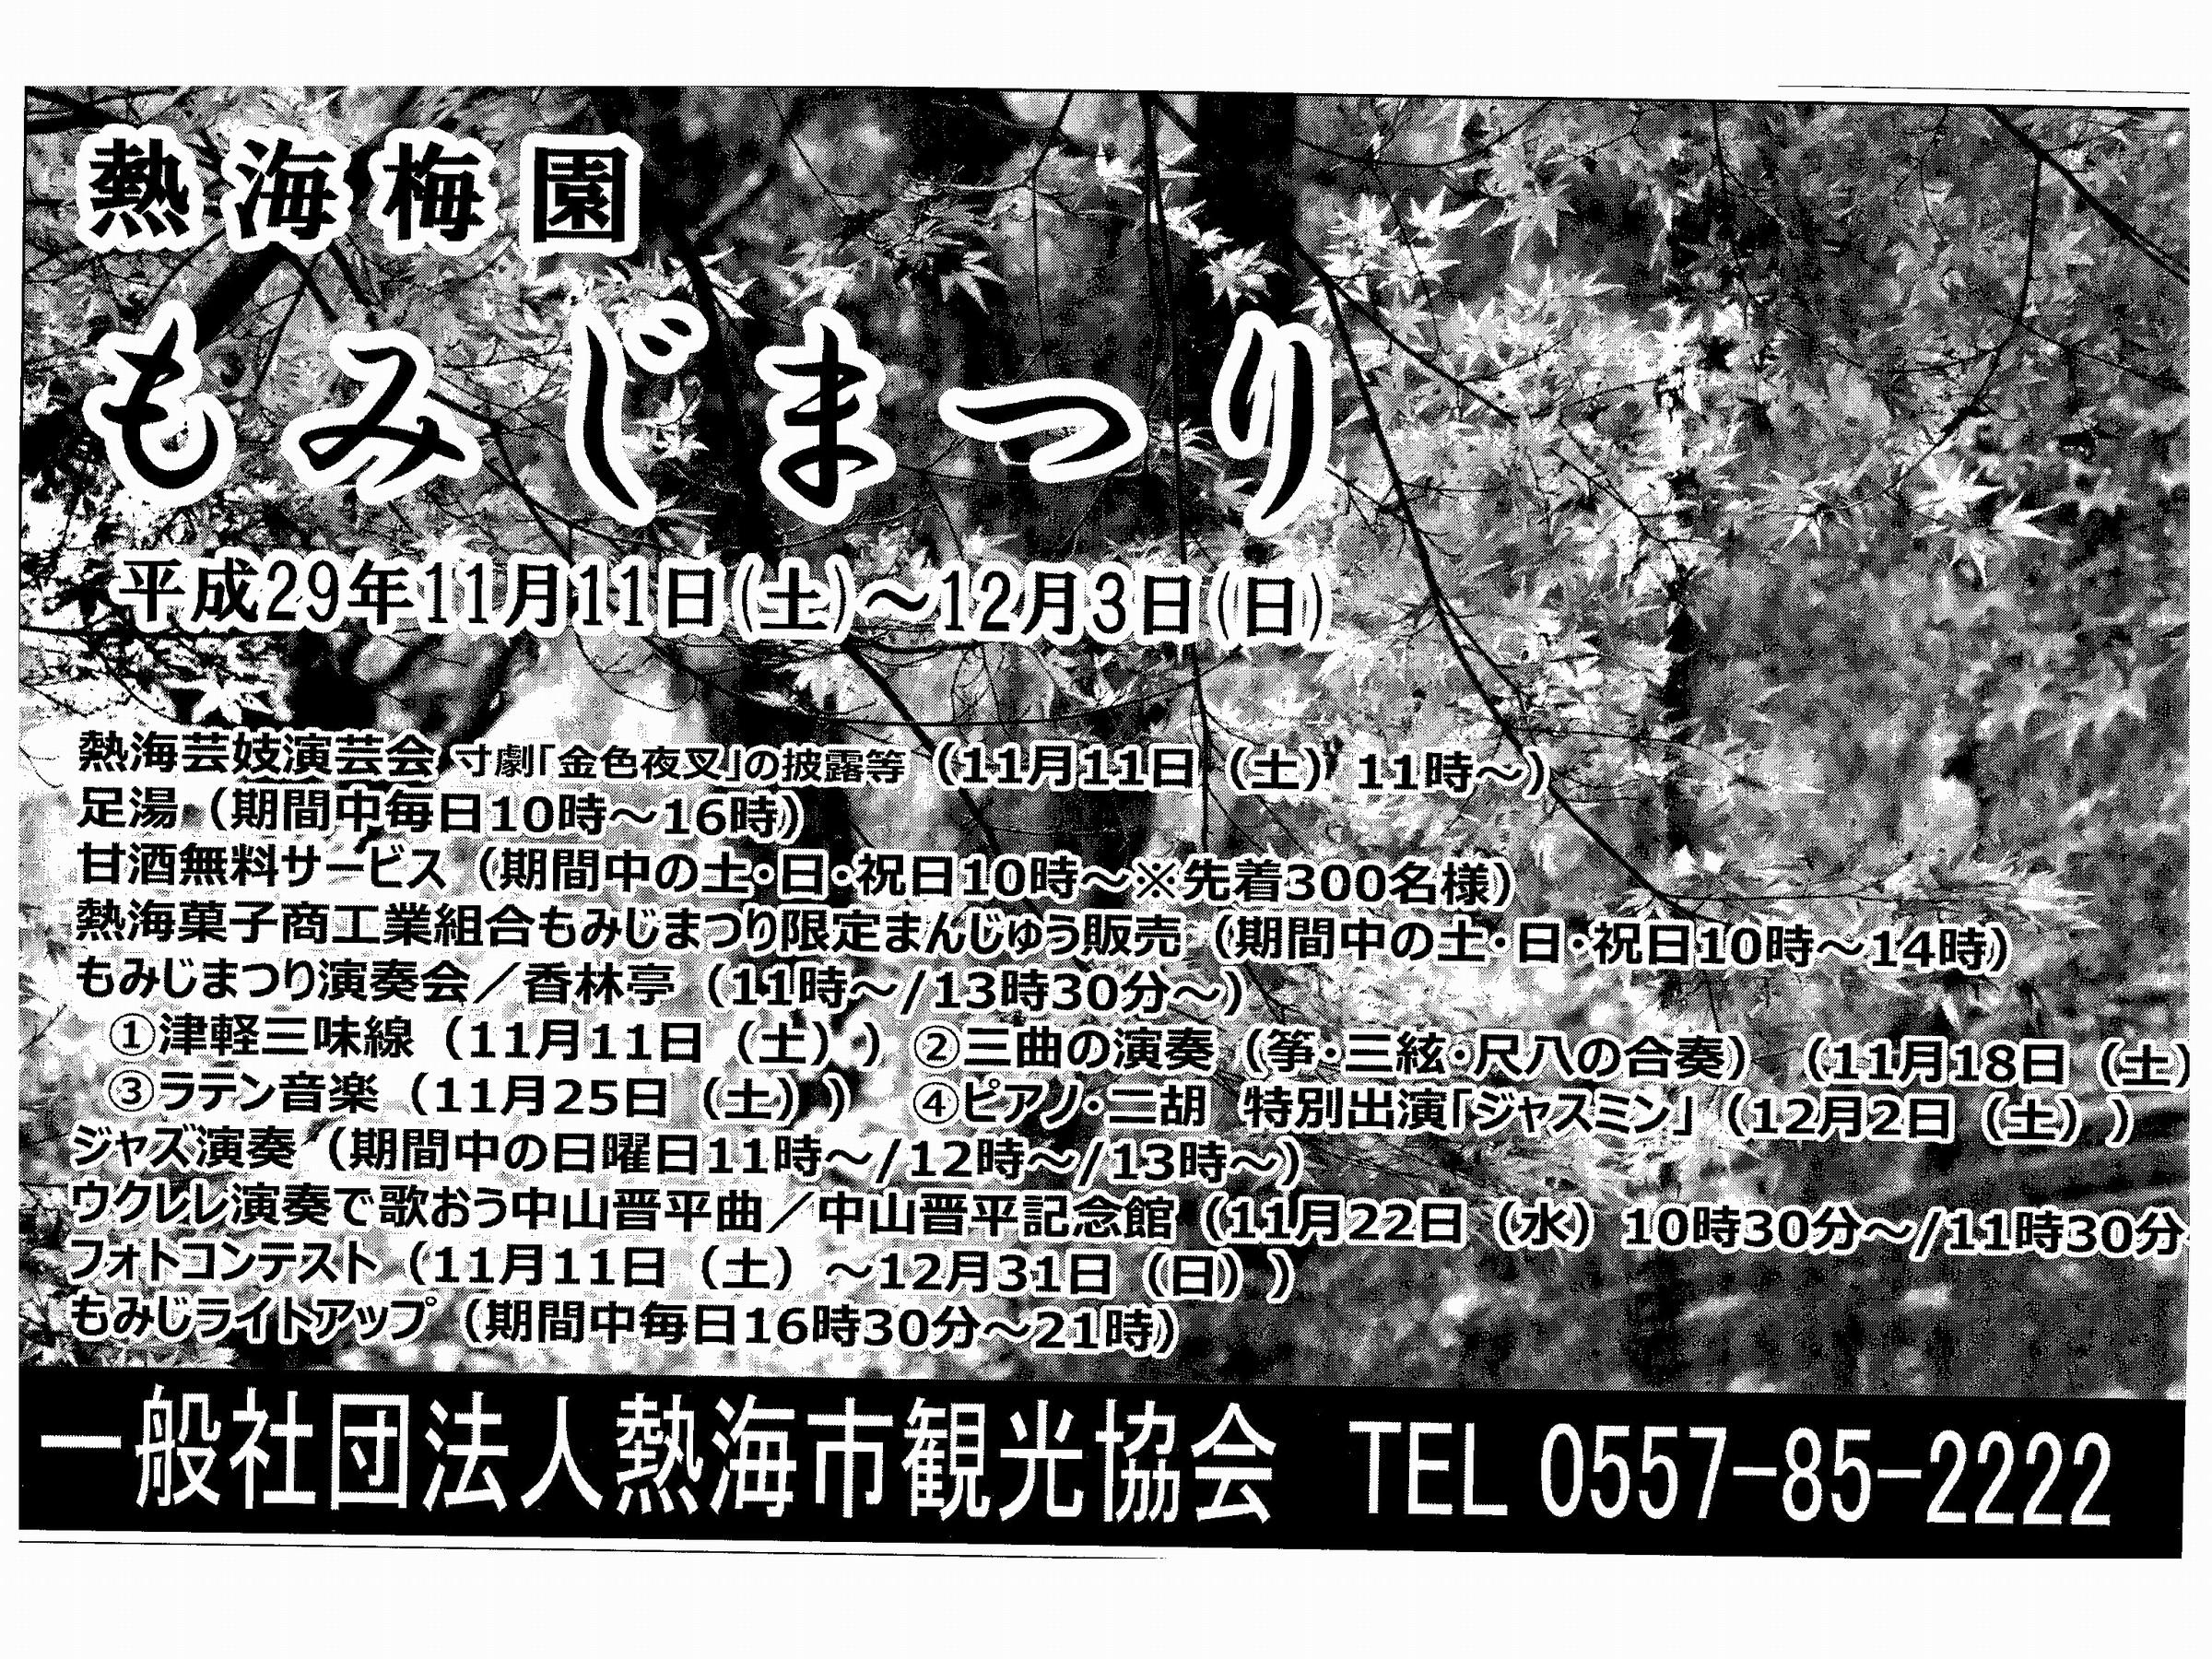 http://magaret.jp/mt_img/%E3%82%82%E3%81%BF%E3%81%98%E7%A5%AD%E3%82%8Apeg_JALAN_171122.jpg